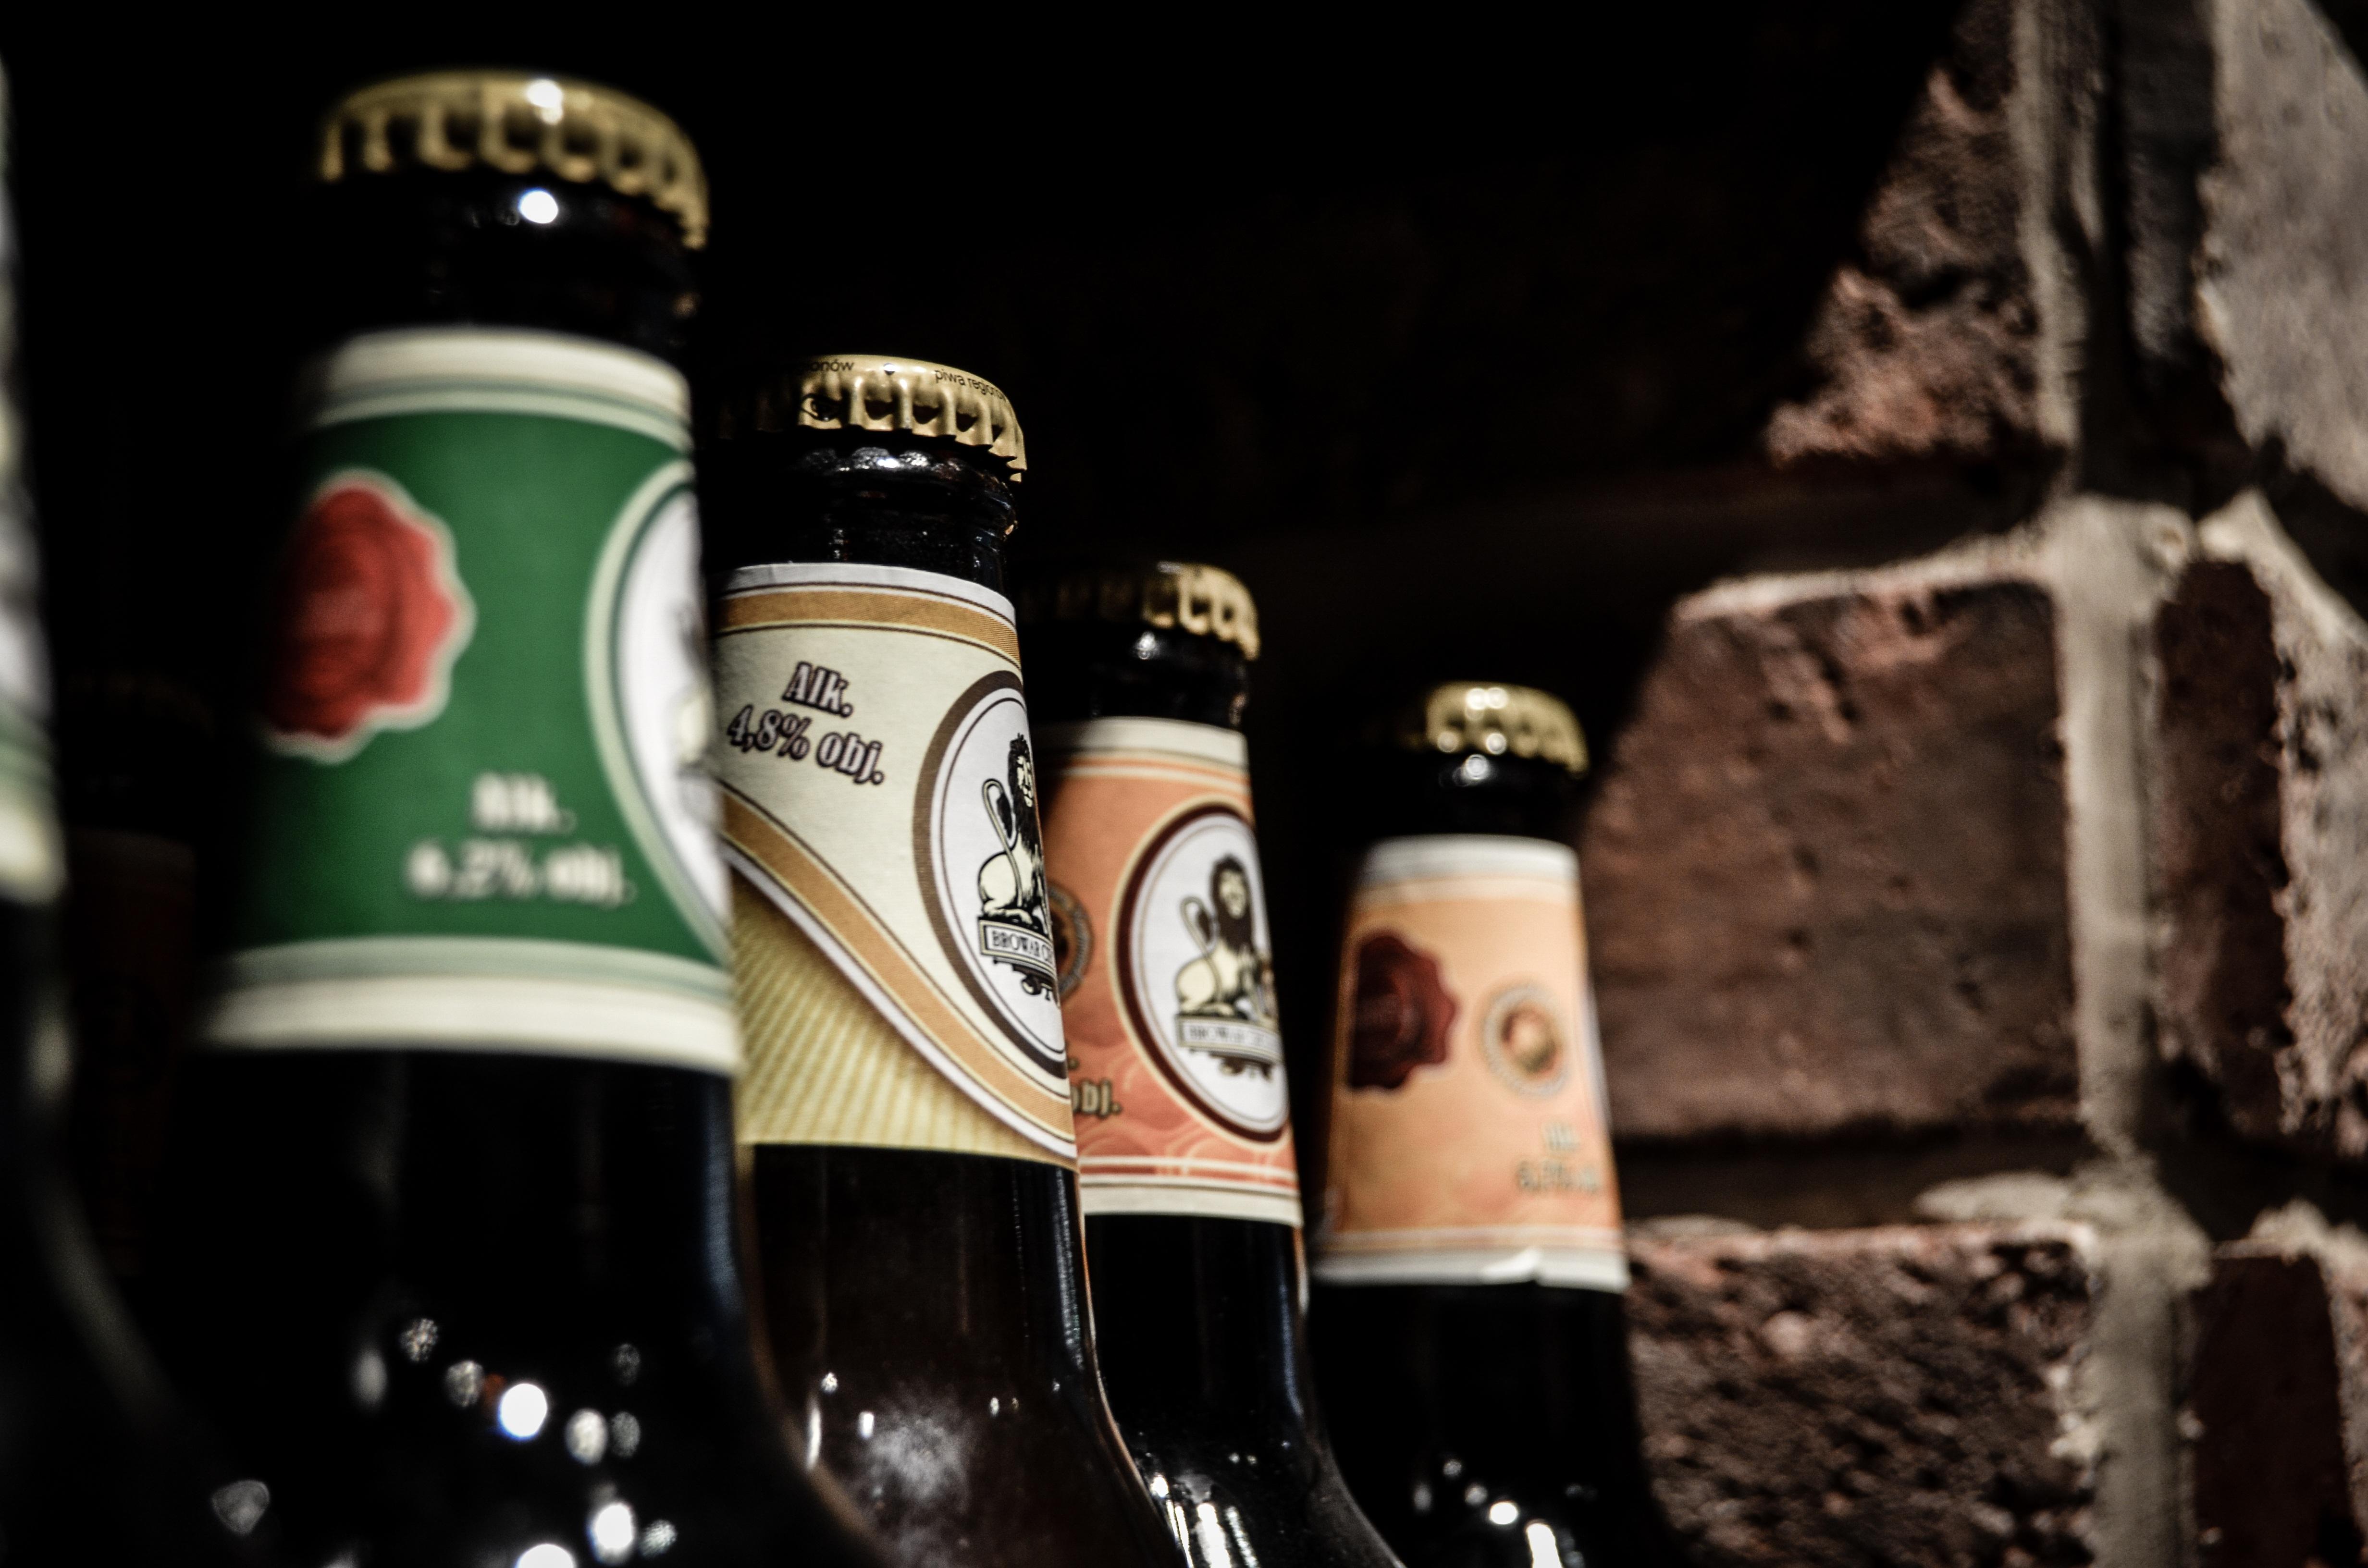 Trinkerszene helfen, nicht verdrängen